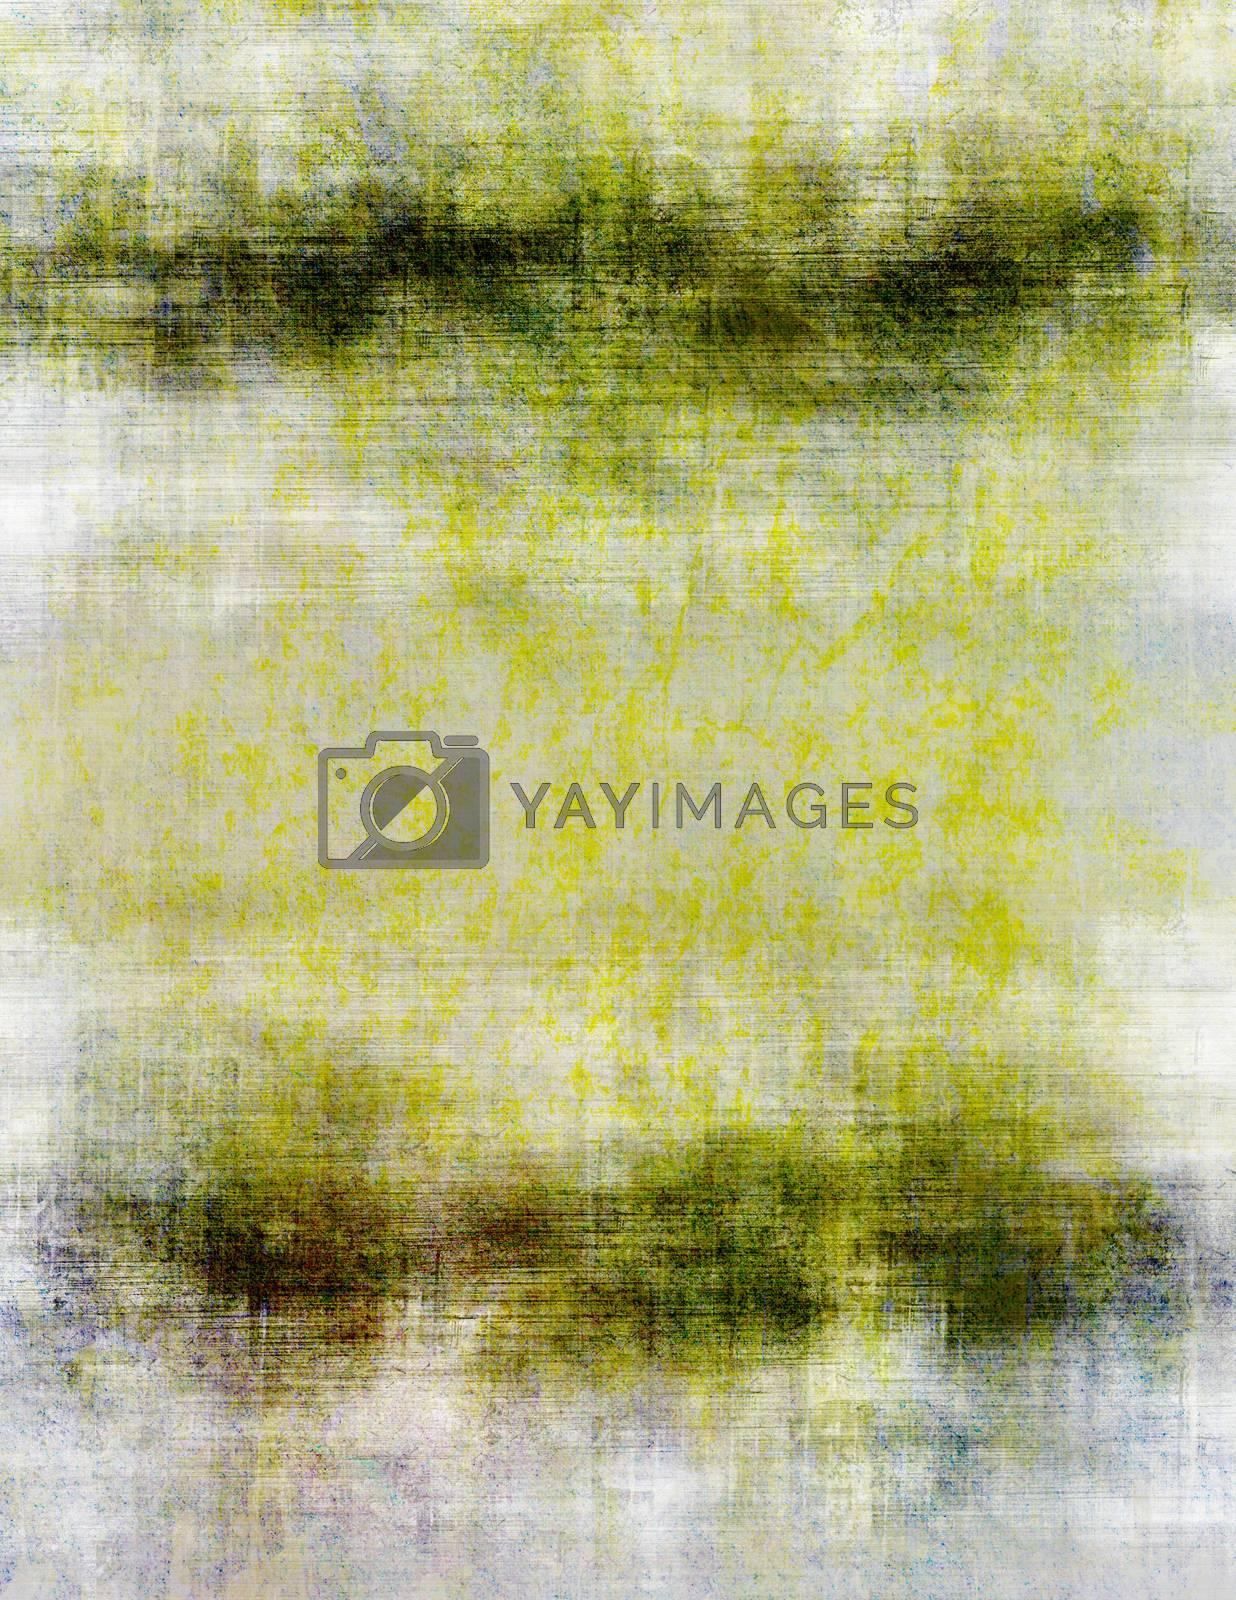 grunge background by Pakhnyushchyy